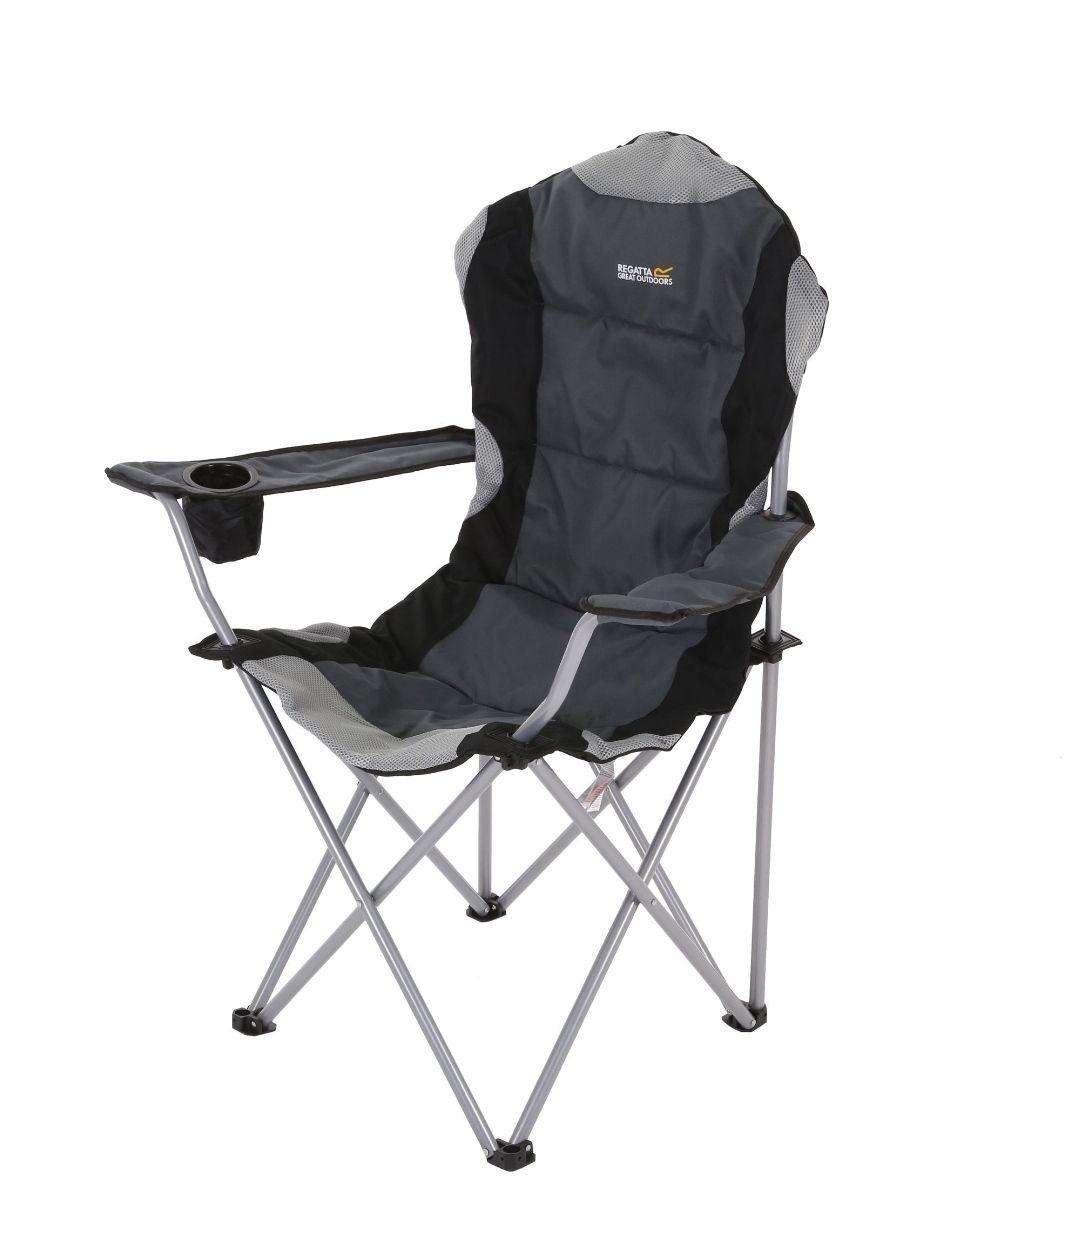 Chaise De Camping Kruza pliable et rembourrée - Noir (regatta.com)